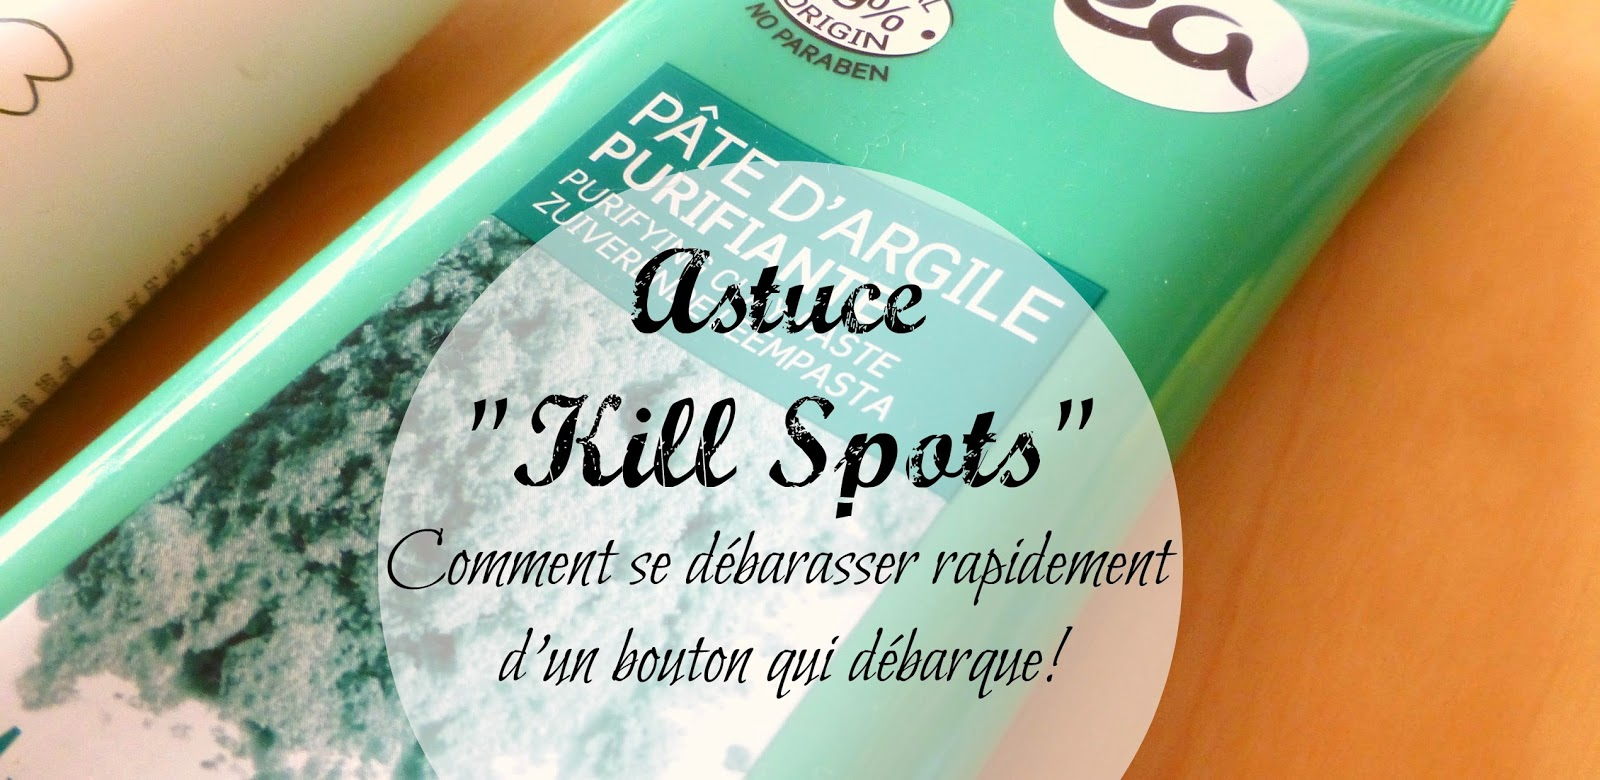 Astuce *Kill Spots* ou comment faire disparaitre rapidement un moche bouton qui pointe son nez!